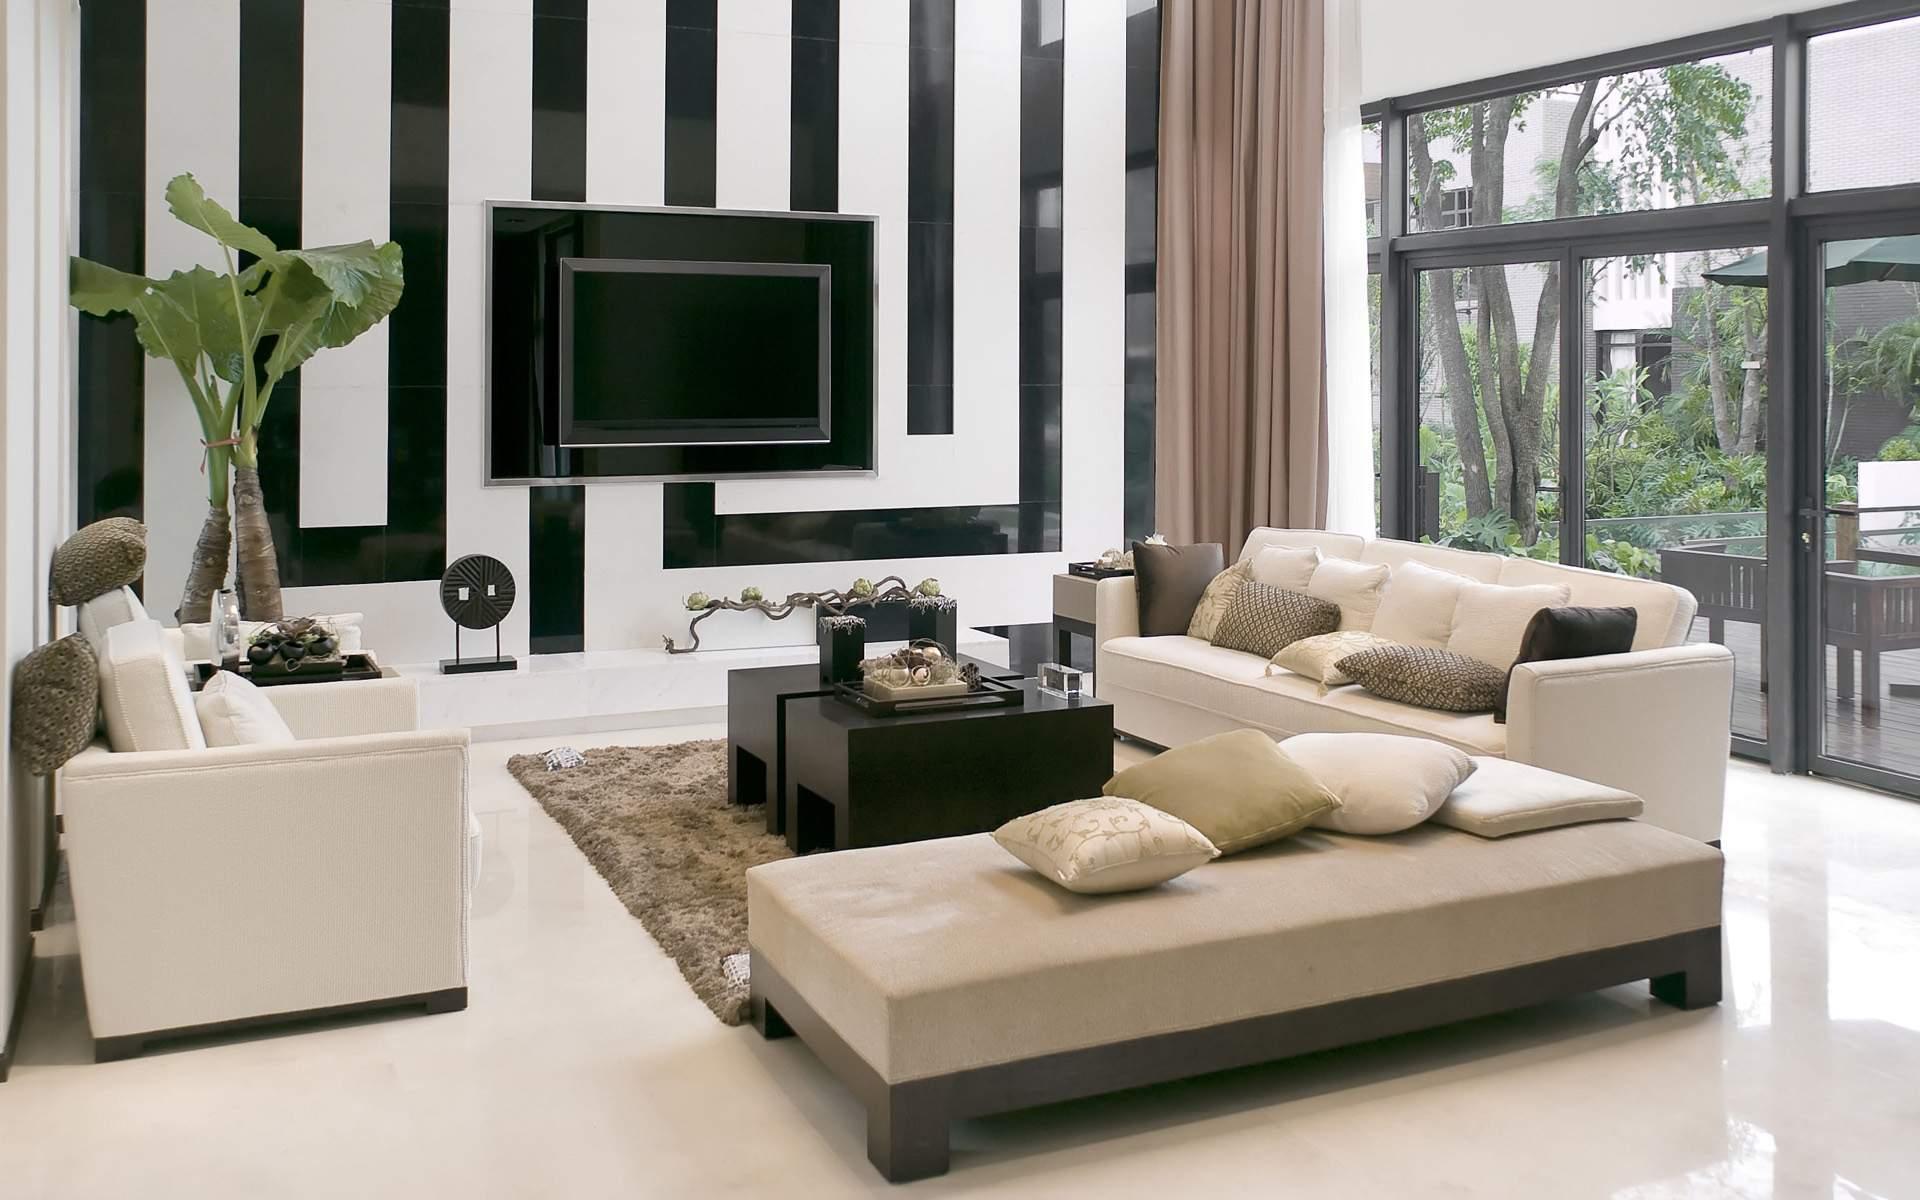 Contemporary Sofas for Home Interior livingroom : modern contemporary living room ideas dance chairs homes in  atlanta DVIUIZO